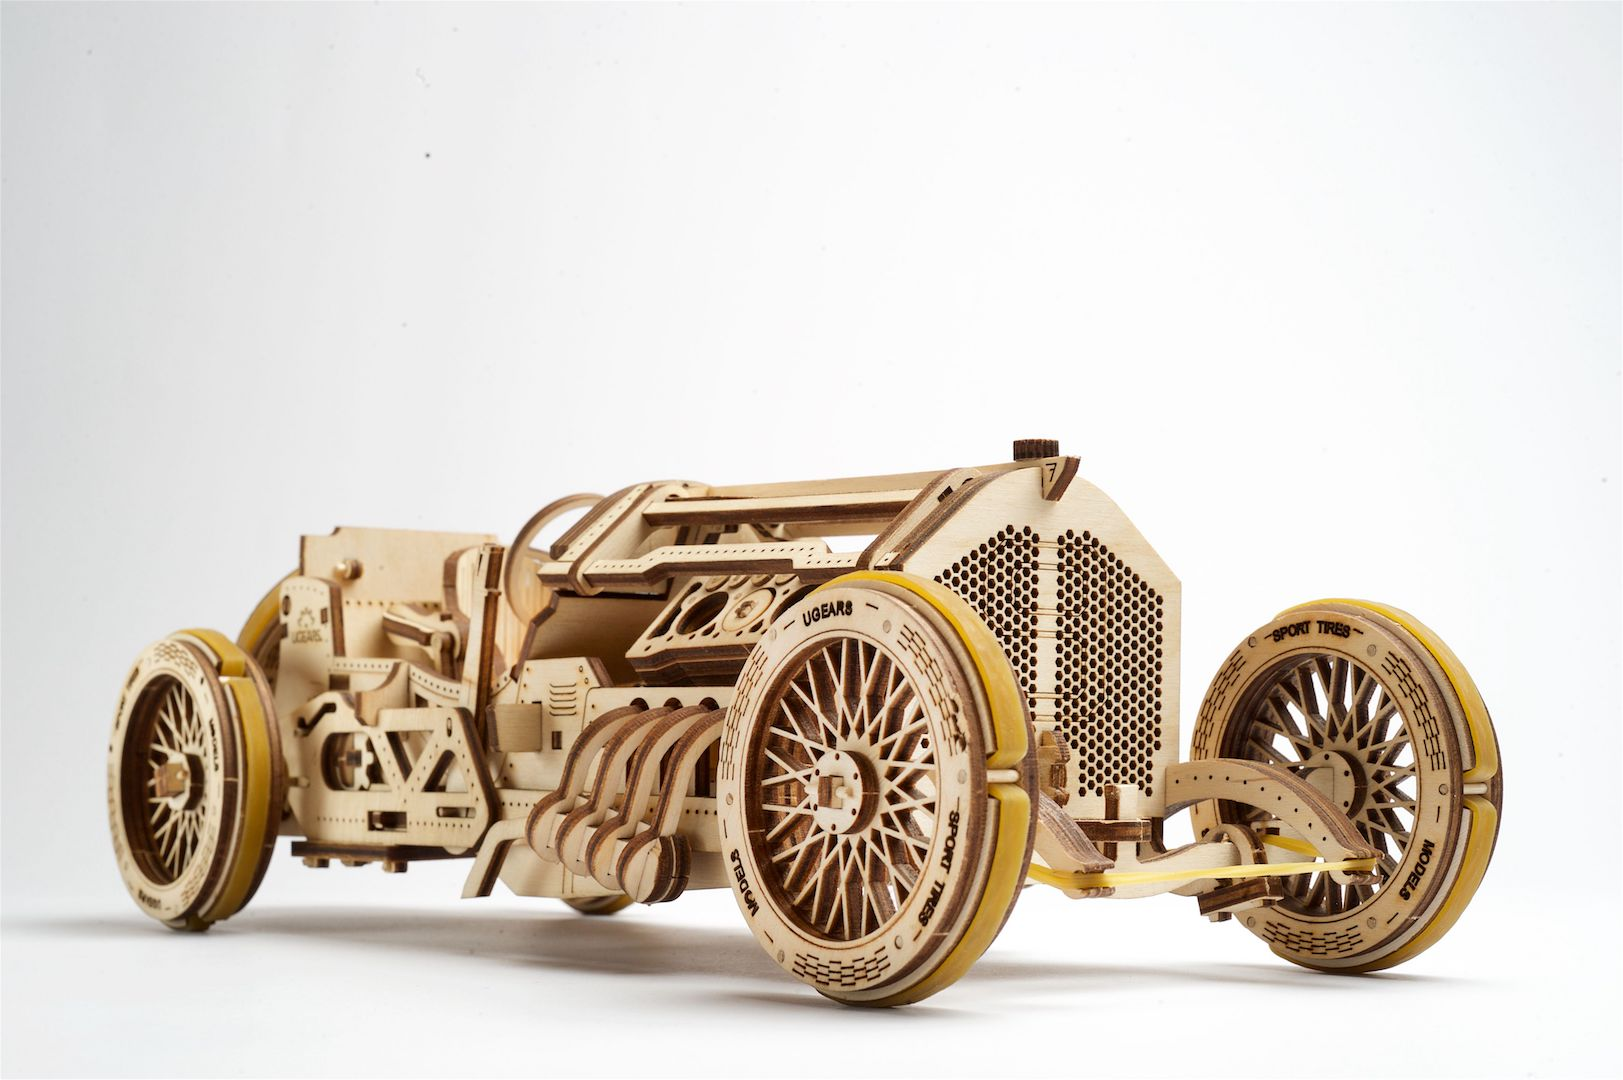 voiture-u9-grand-prix-puzzle-3d-mécanique-en-bois-ugears-3